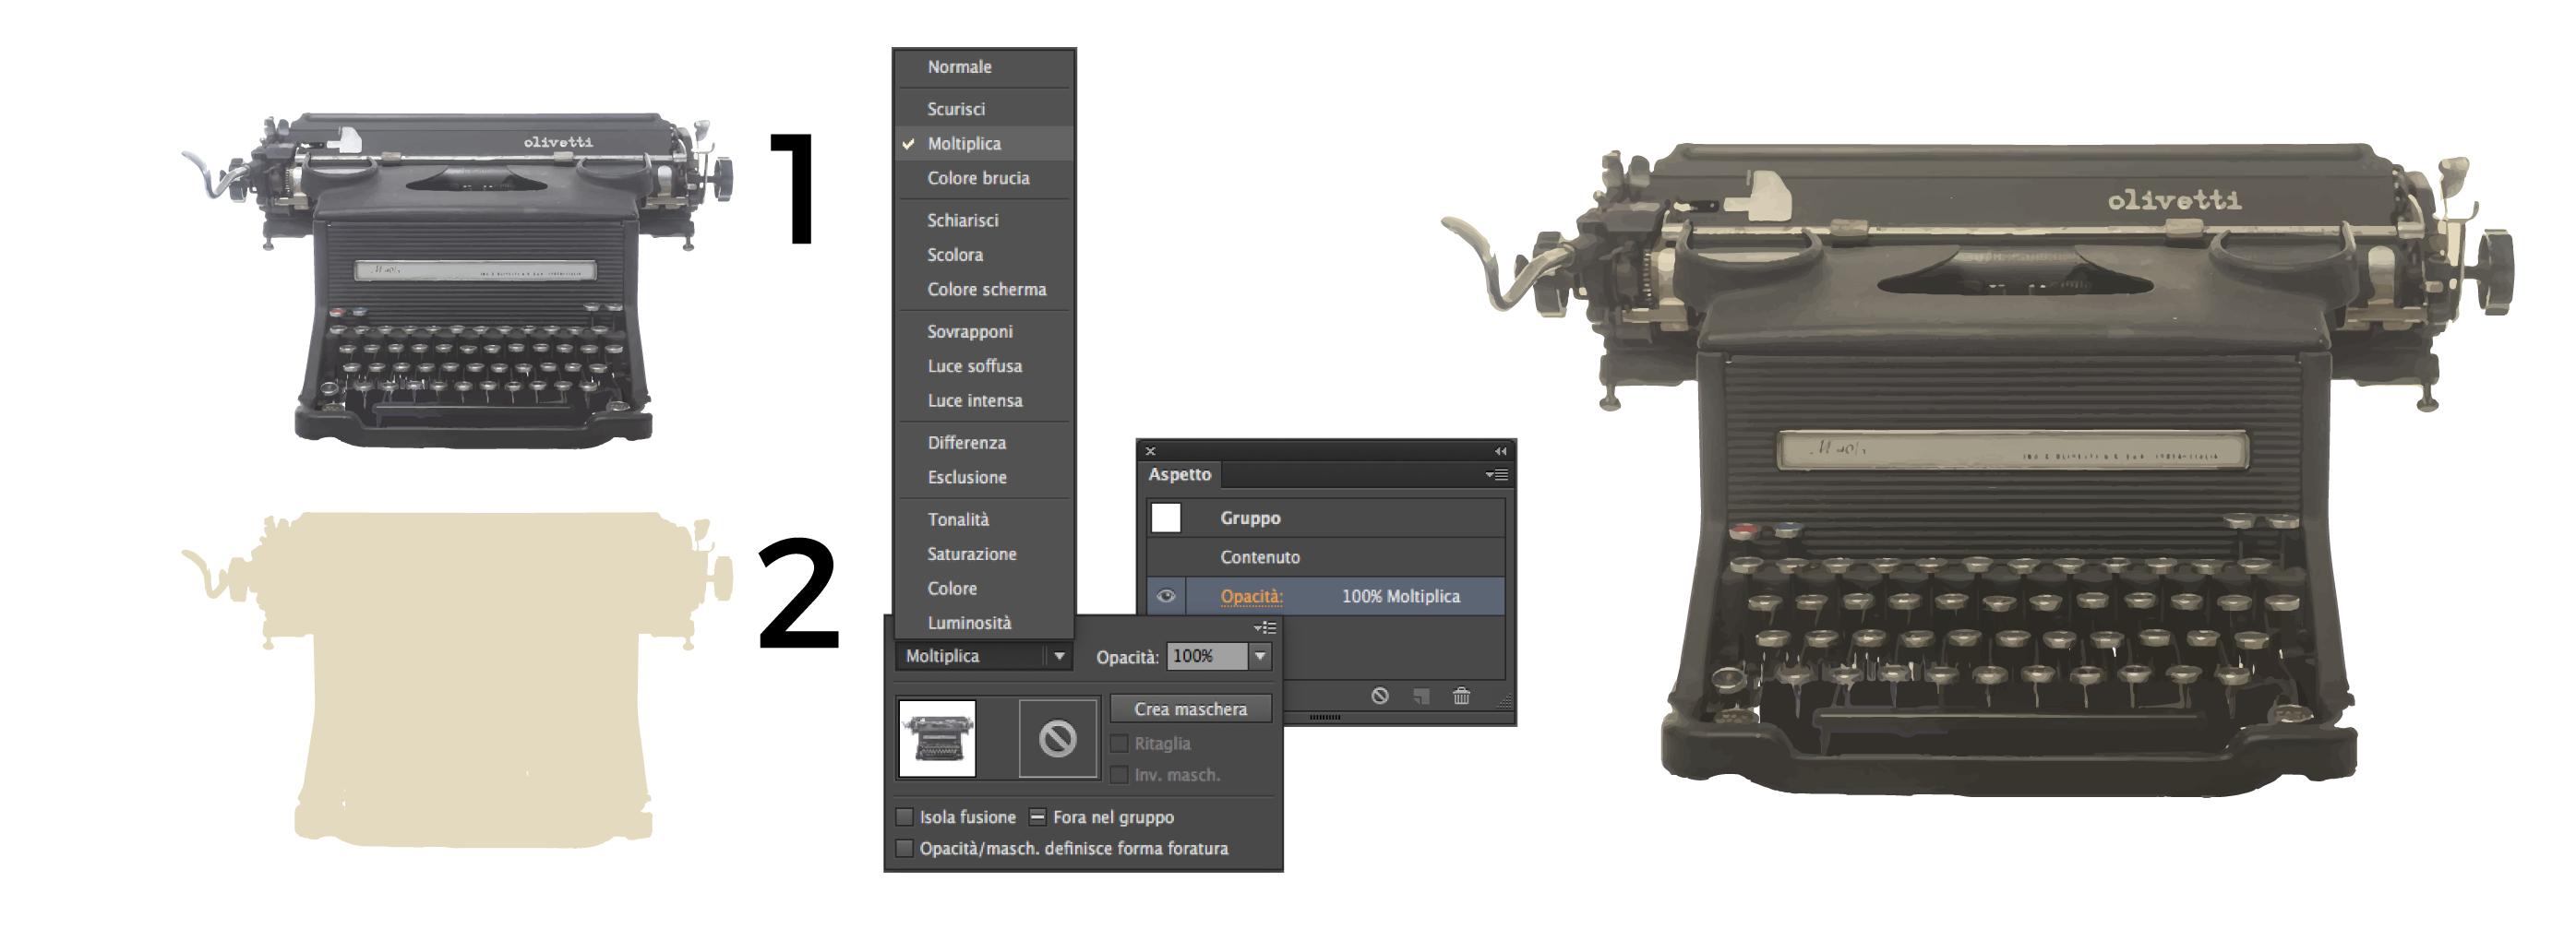 tutorial-illustrator-finestra-aspetto-moltiplica